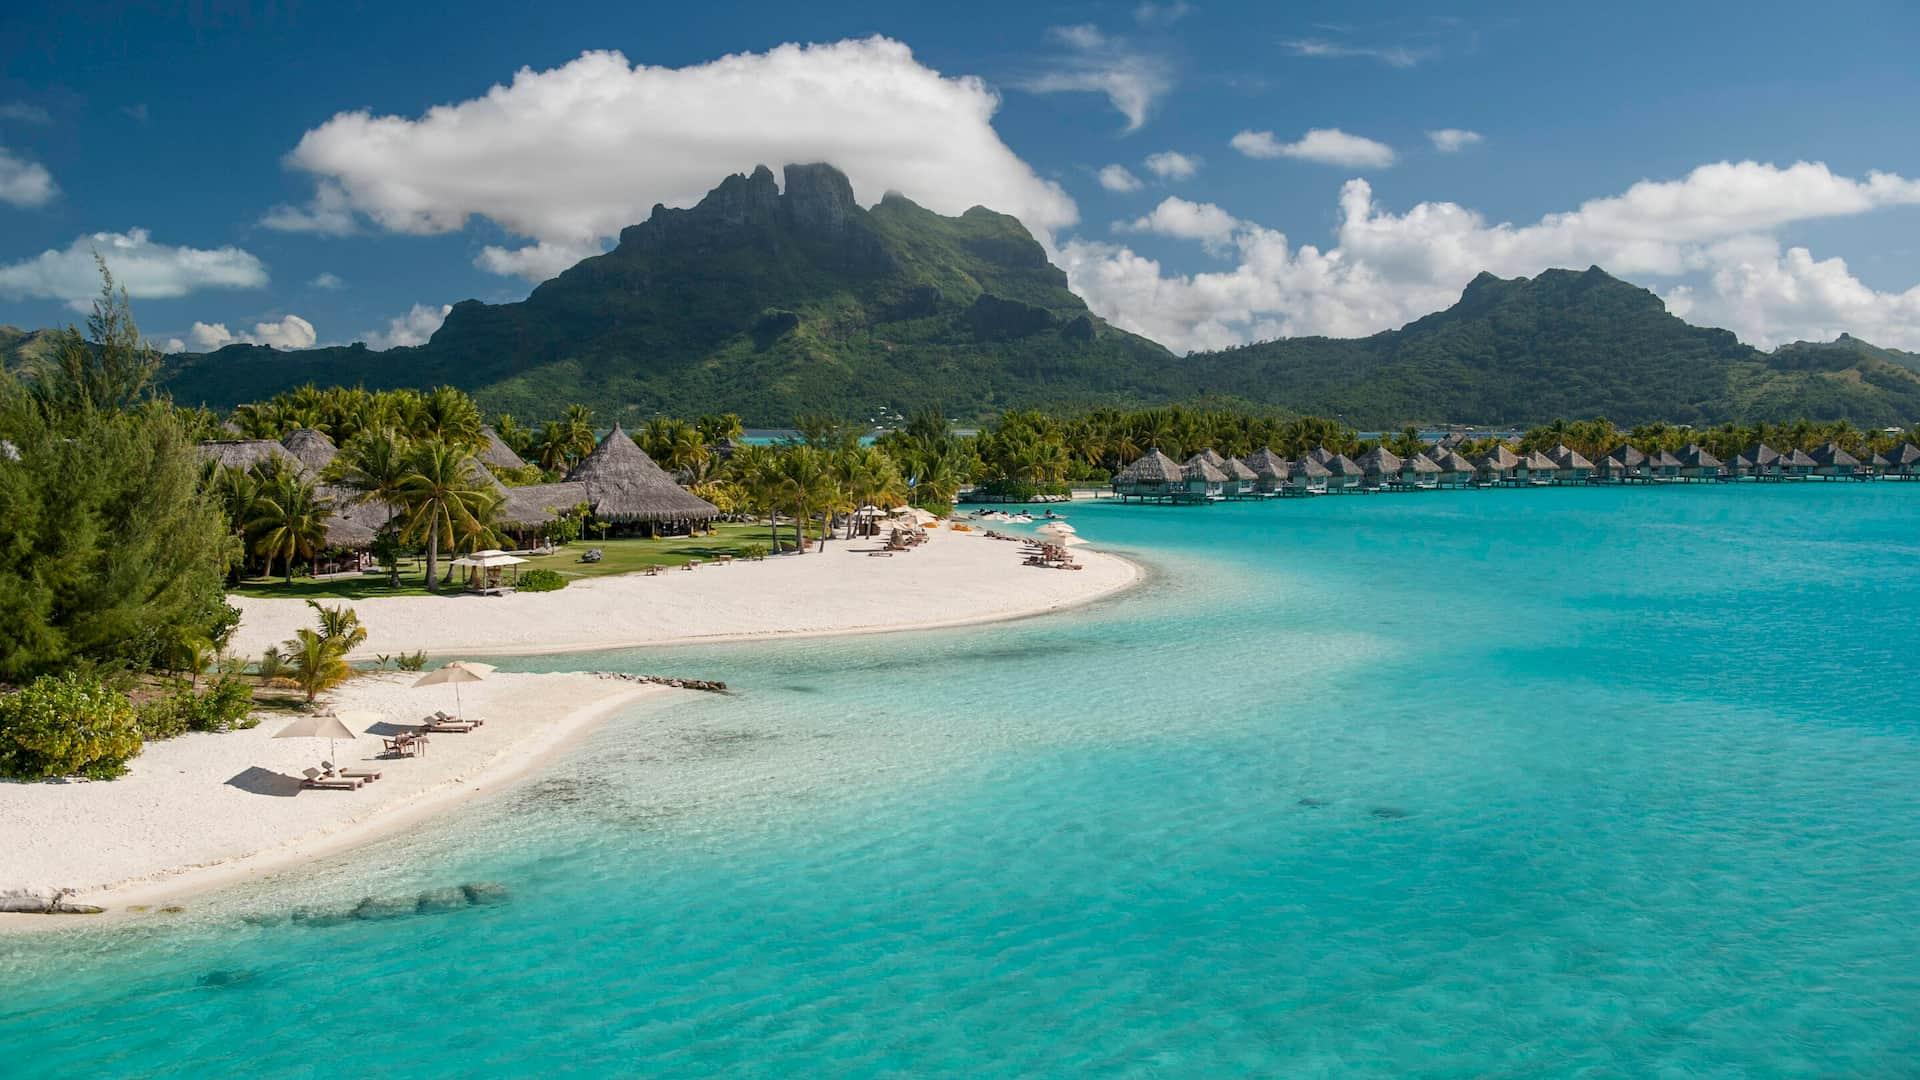 St. Regis Bora Bora - Viaggio di nozze Polinesia